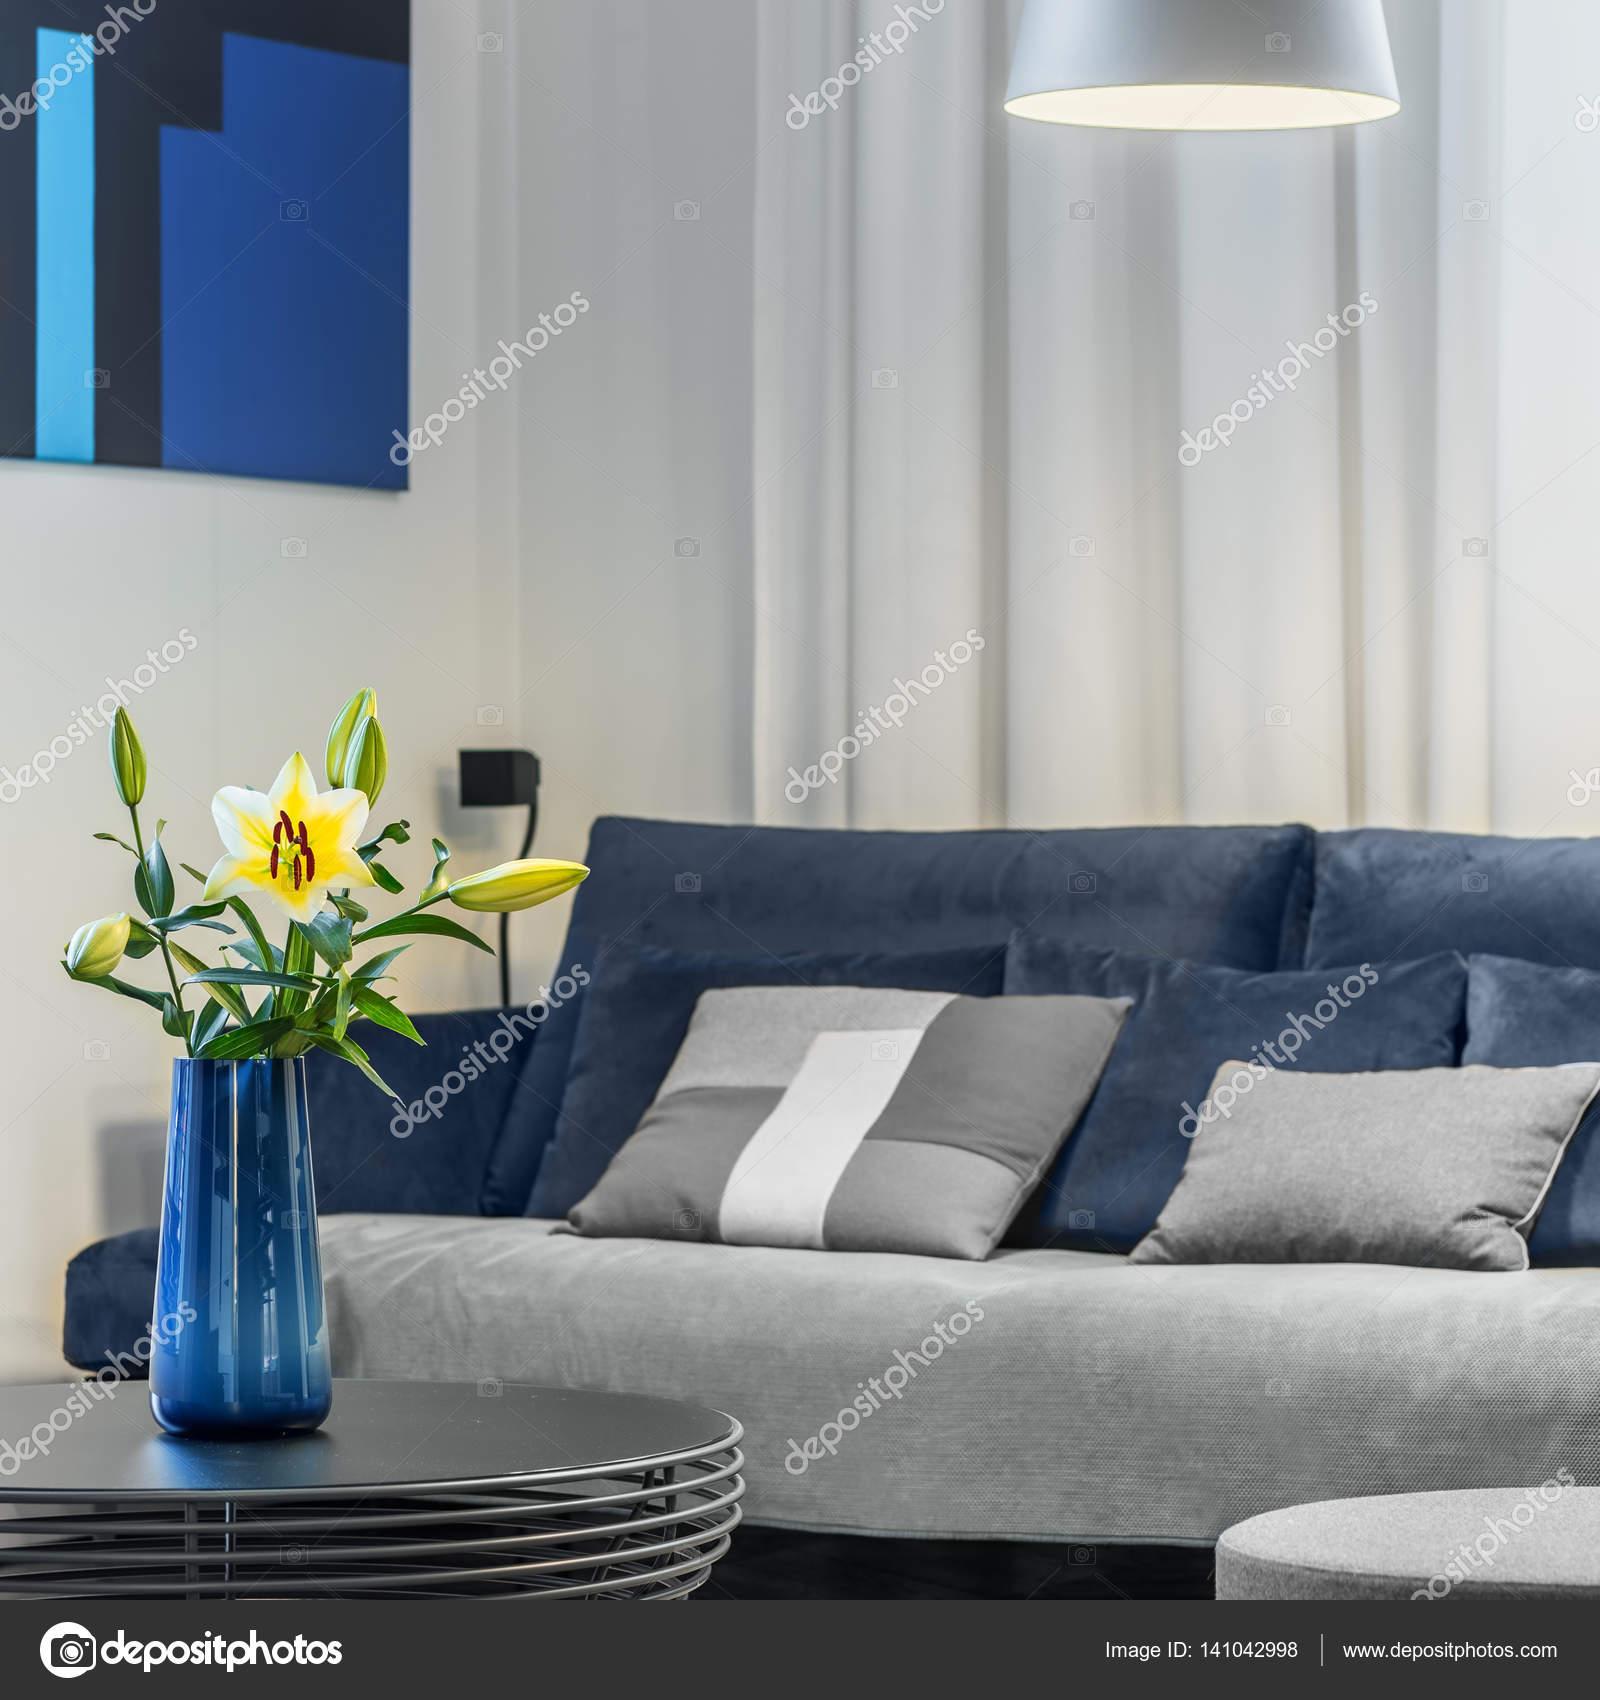 Decora O De Flores Na Sala De Estar Stock Photo In4mal 141042998 -> Decoracao De Sala Azul